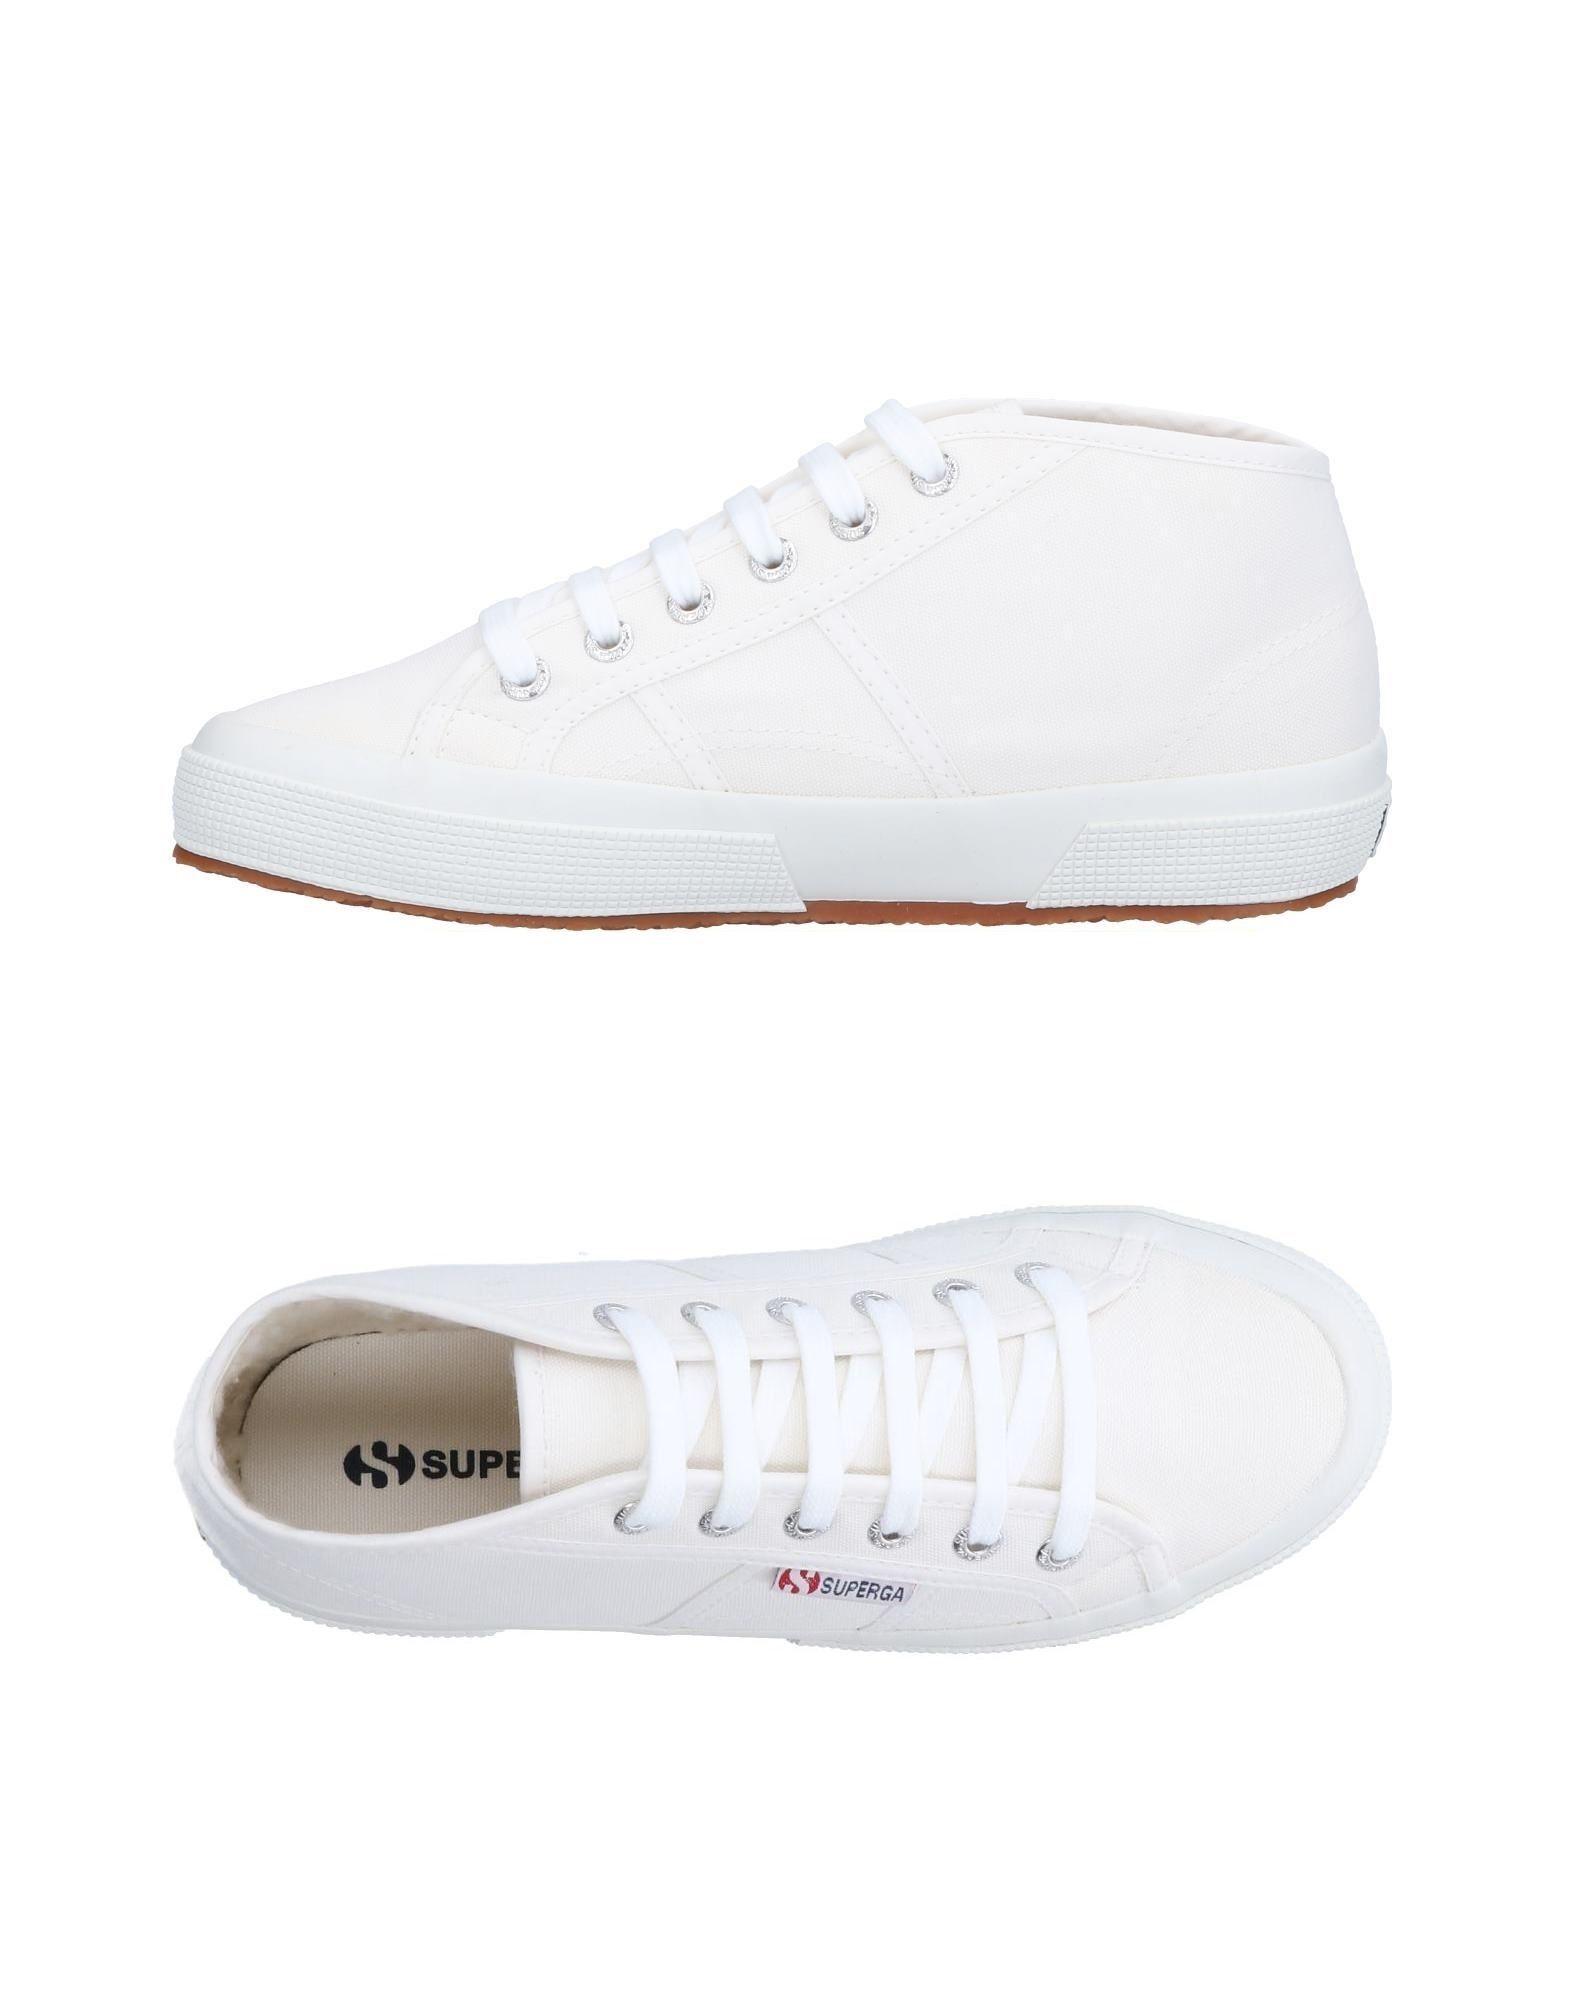 Superga® Sneakers Damen  11485796VX Gute Qualität beliebte Schuhe